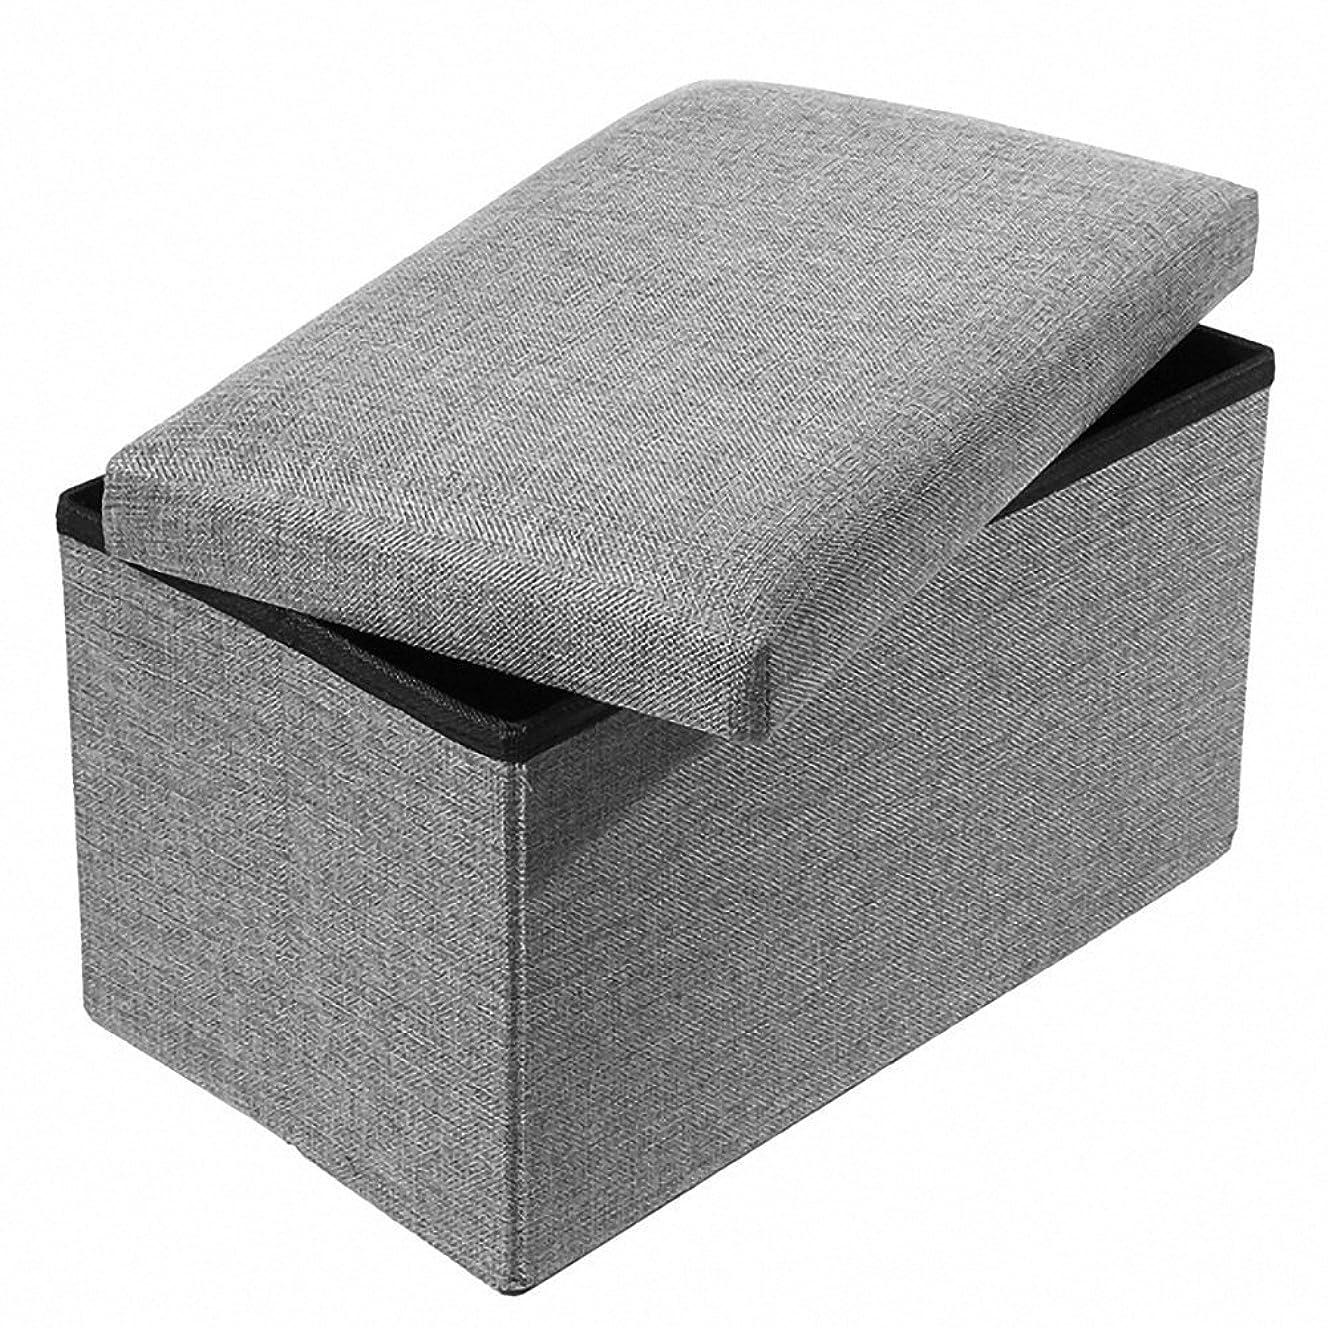 プレゼント立方体政権Snifu 収納スツール 収納ボック 折りたたみ 小物整理 おもちゃく箱 収納ベンチ?椅子 スペース活用 耐荷重100kg グレー